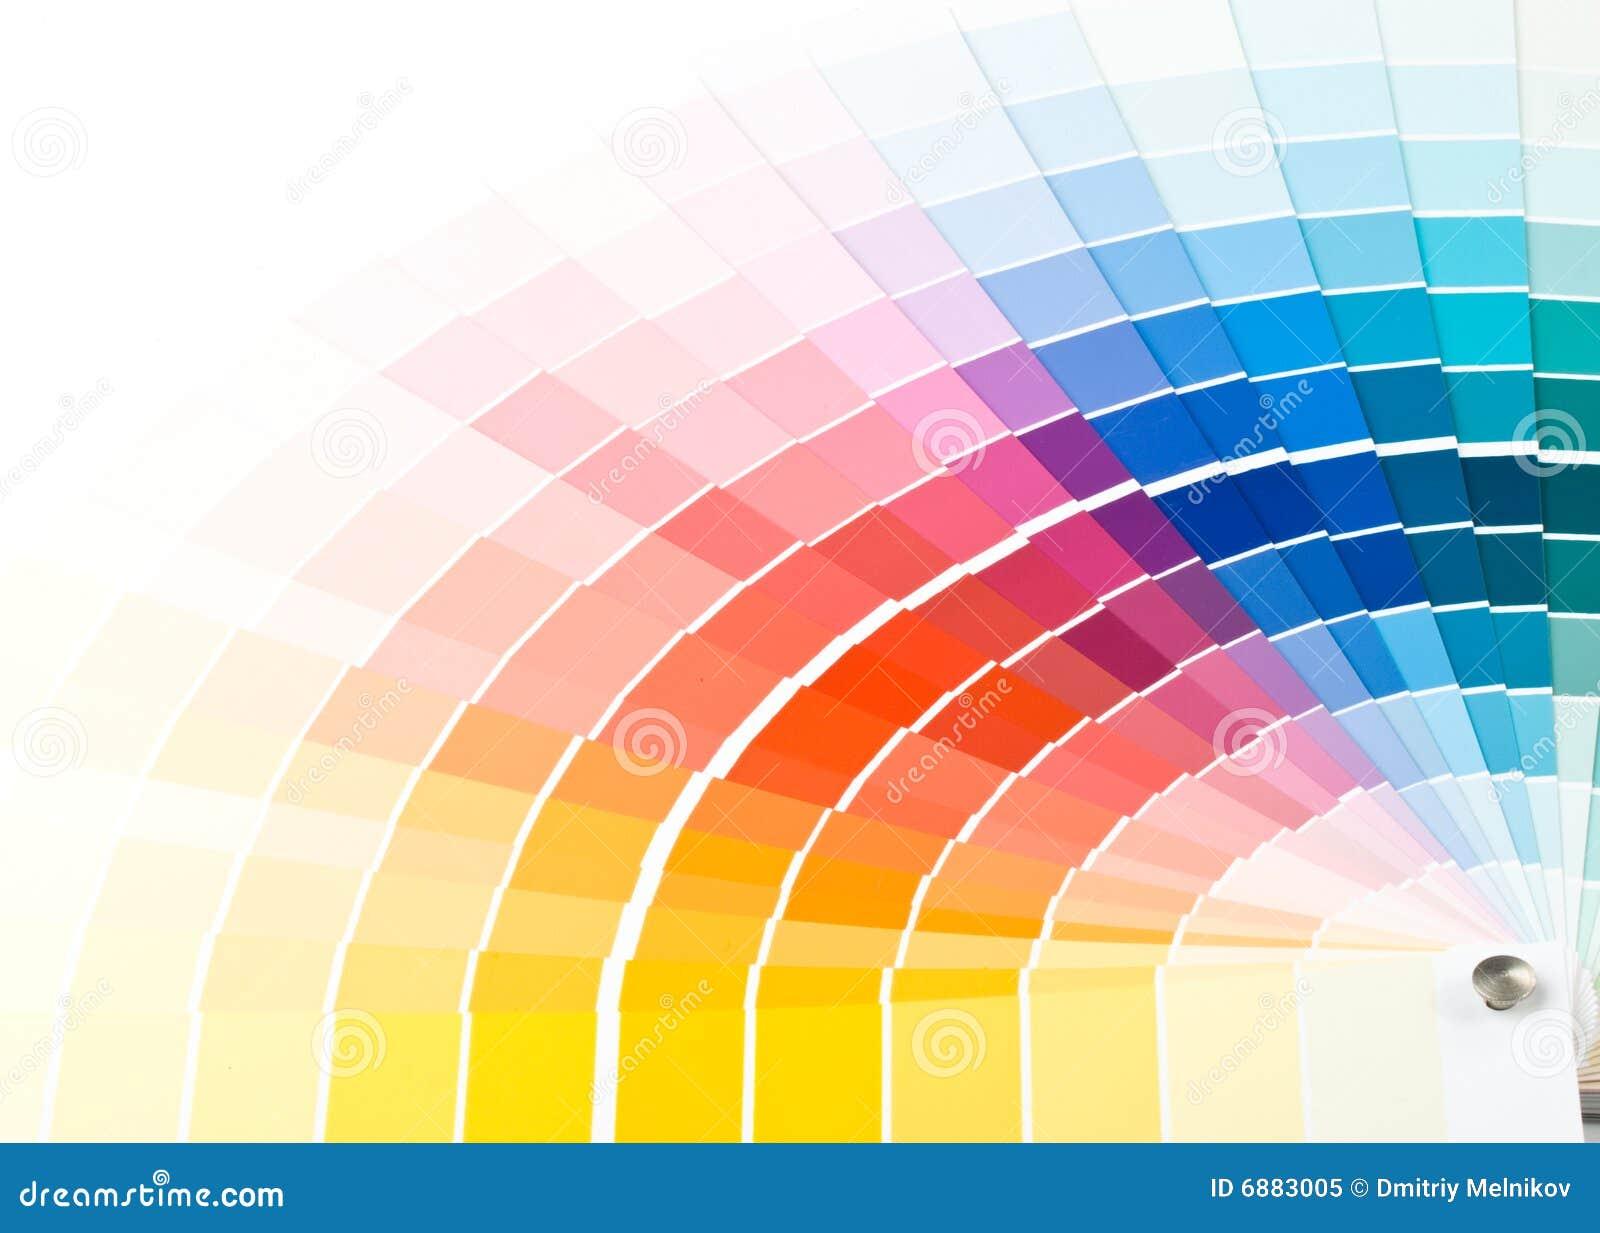 De gids van de kleur.